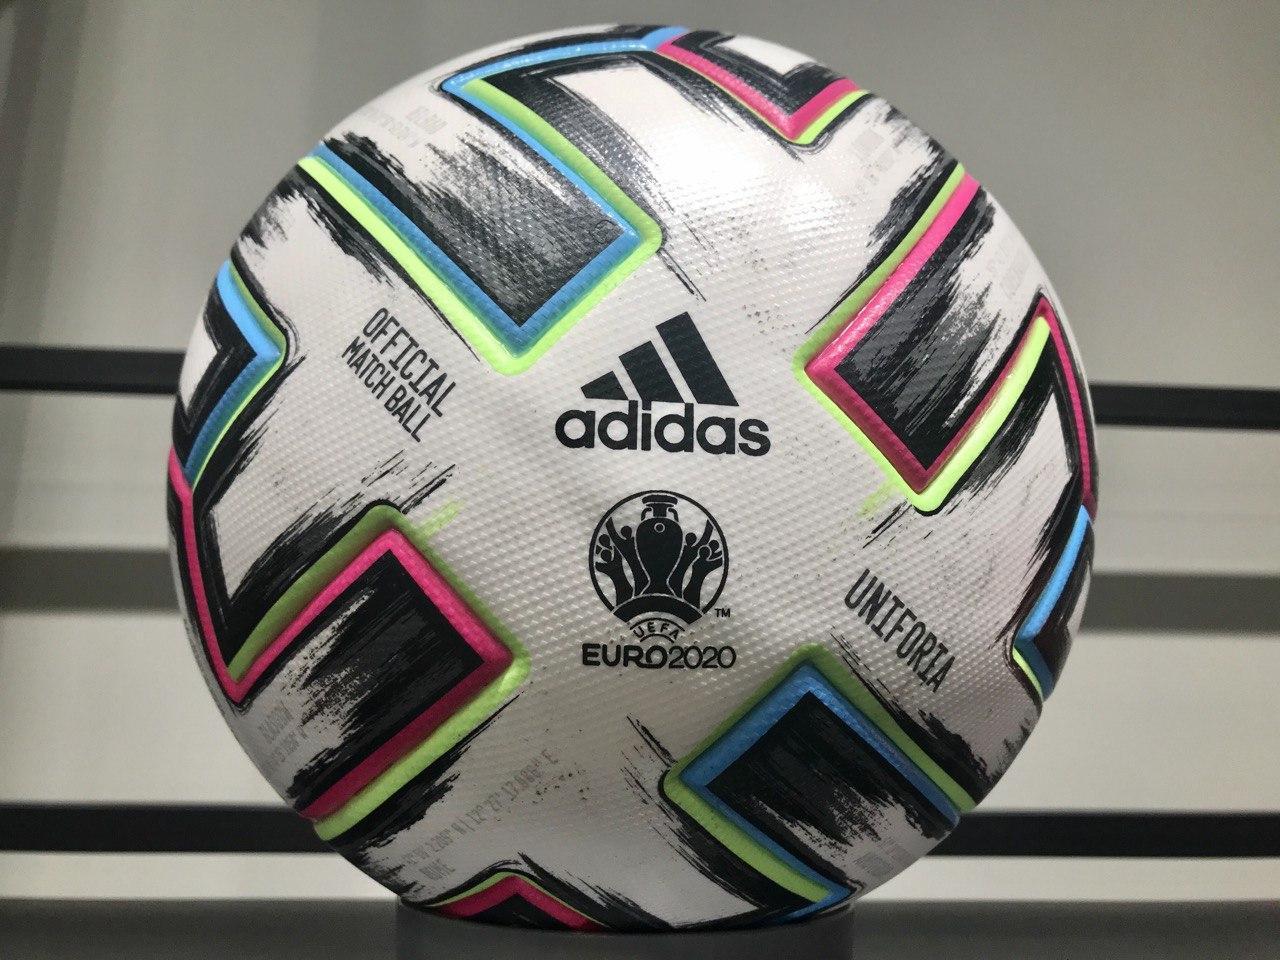 МЯЧ ФУТБОЛЬНЫЙ- ADIDAS UNIFORIA PRO OFFICIAL MATCH BALL EURO 2020